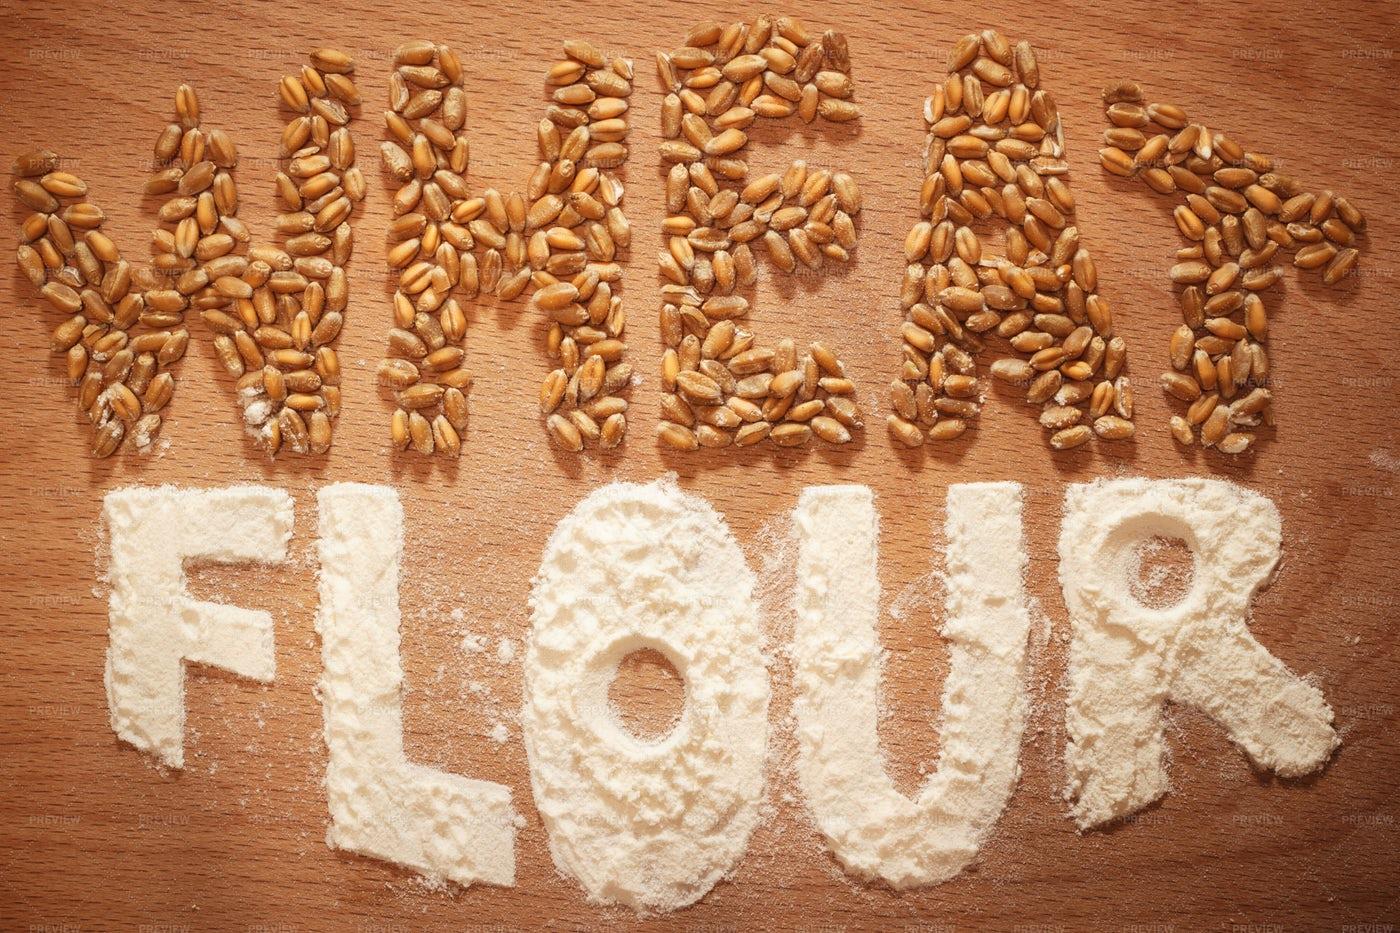 Wheat Flour Caption Collage: Stock Photos